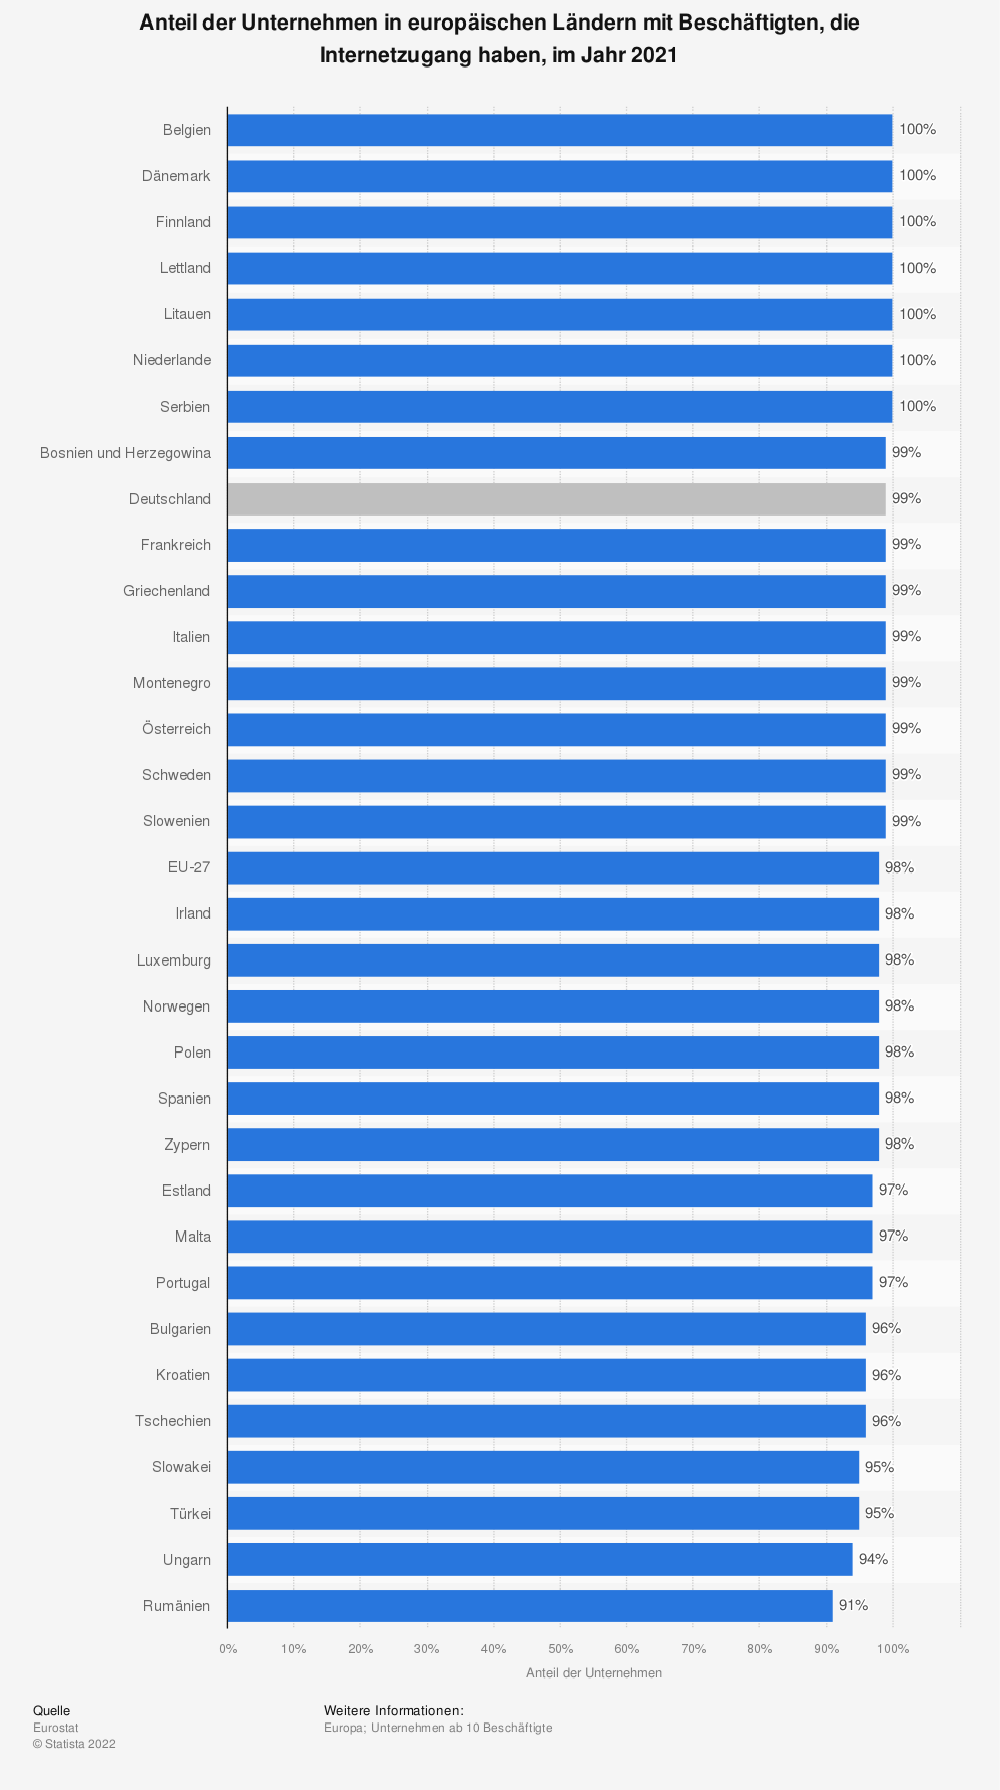 Statistik: Anteil der Unternehmen mit Internetzugang in europäischen Ländern im Jahr 2018 | Statista